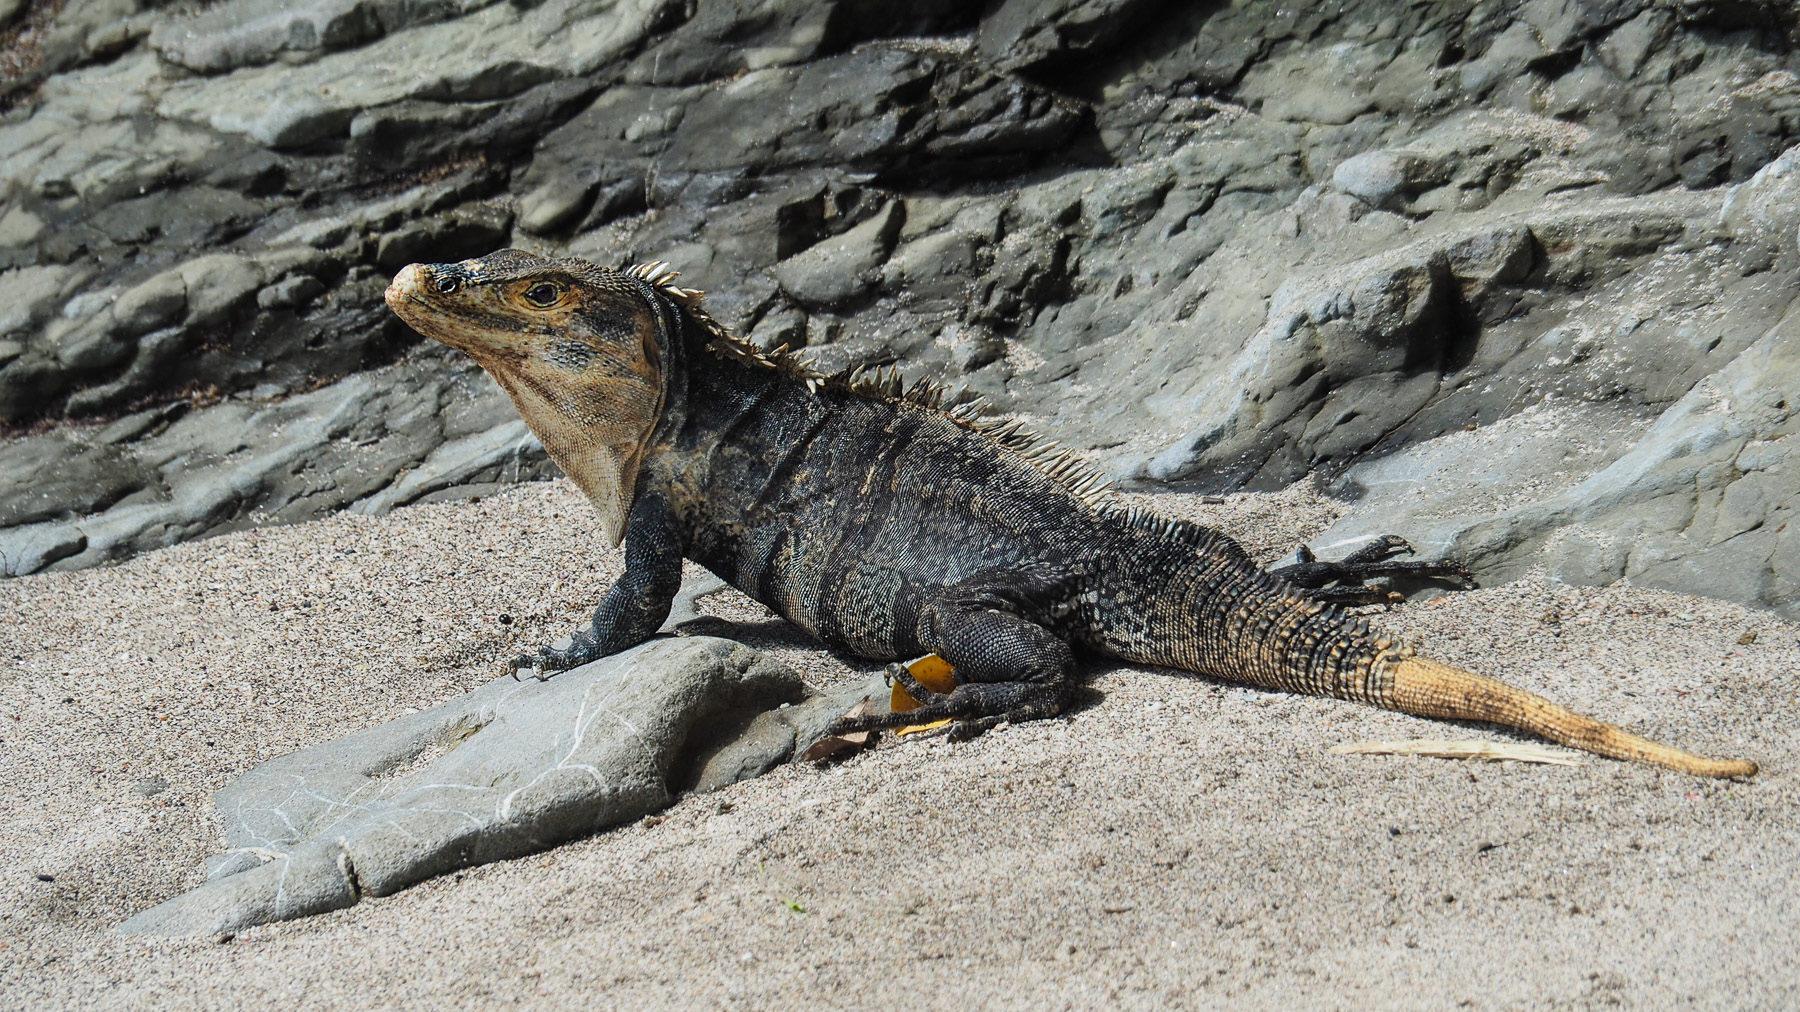 Kleine Tiere wie Iguanas und Krabben sieht man oft